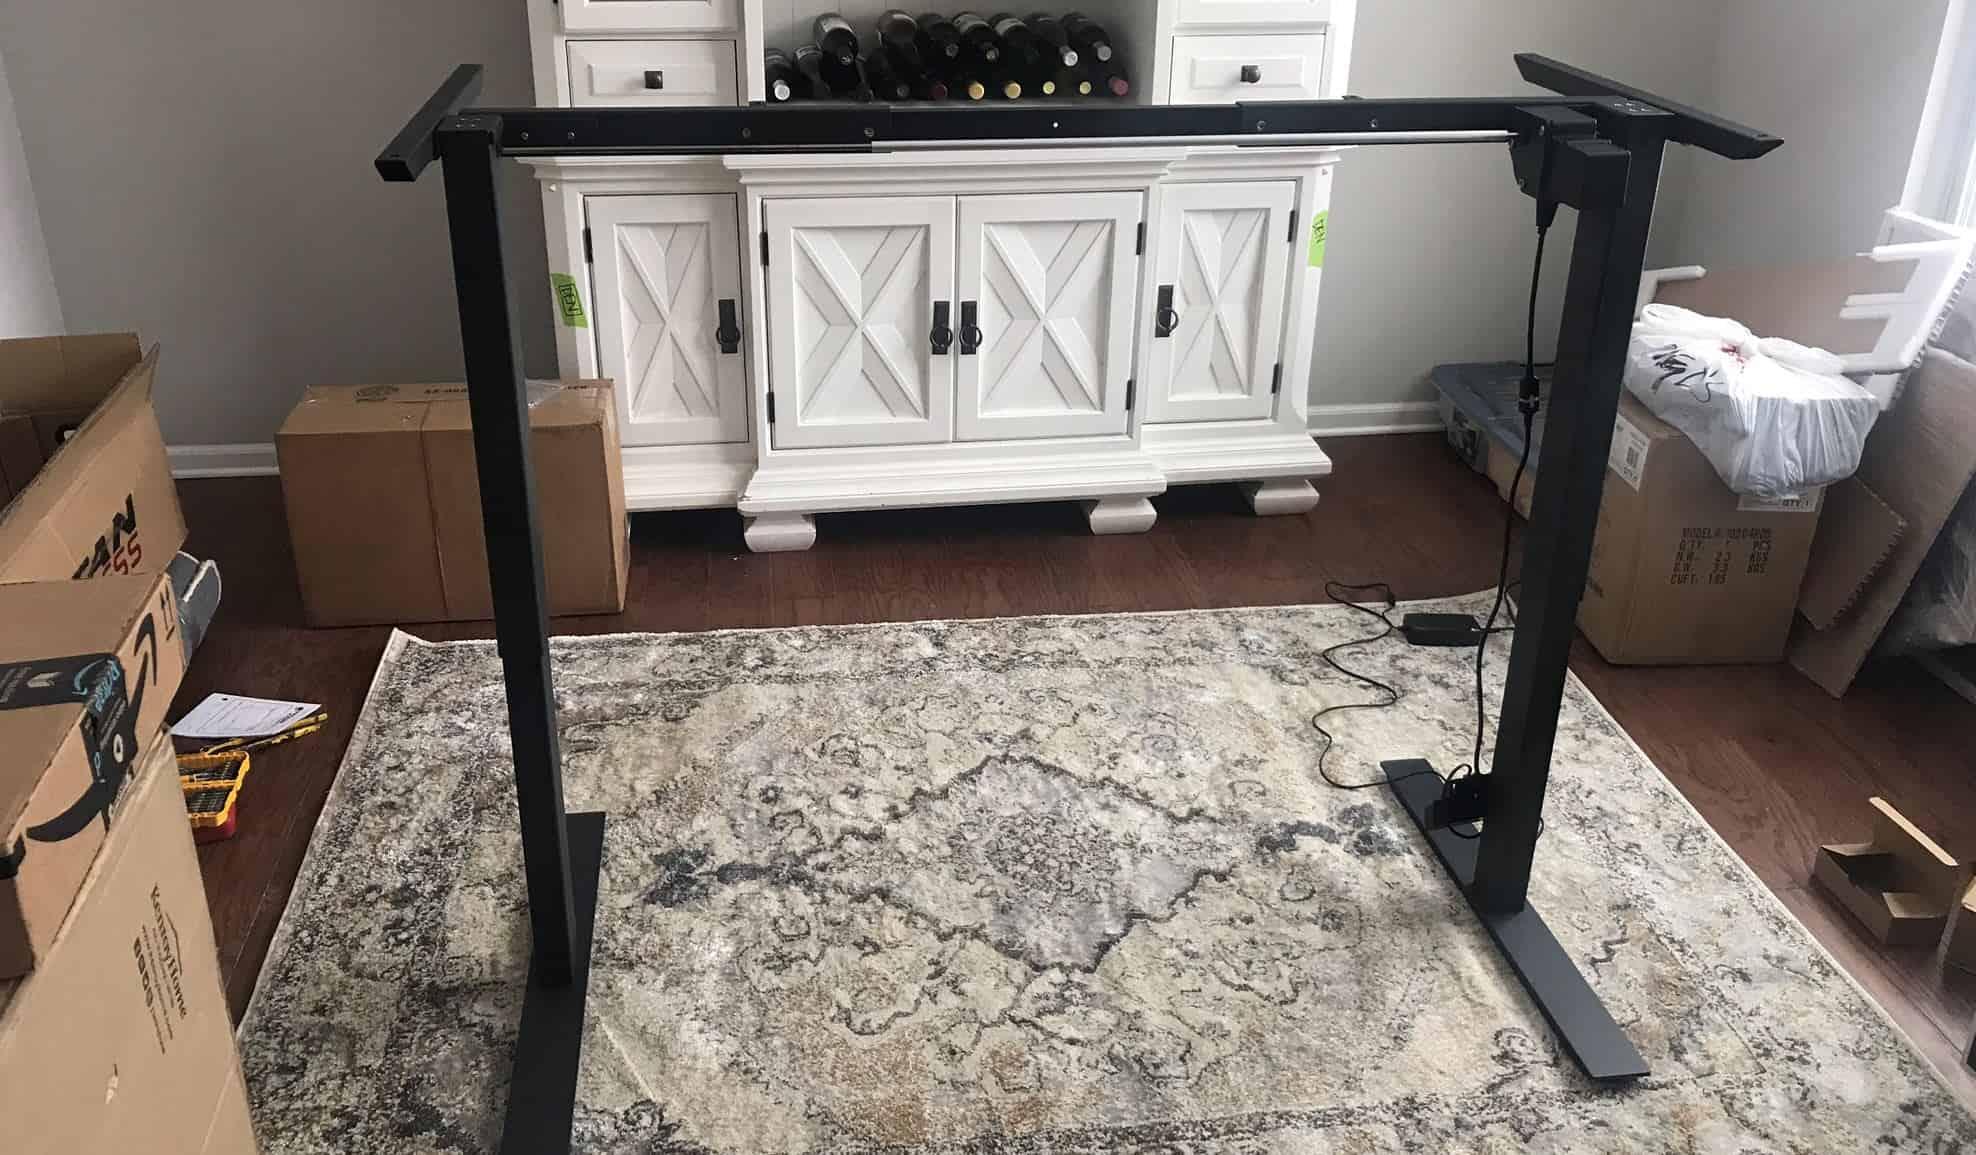 DIY adjustable standing desk frame